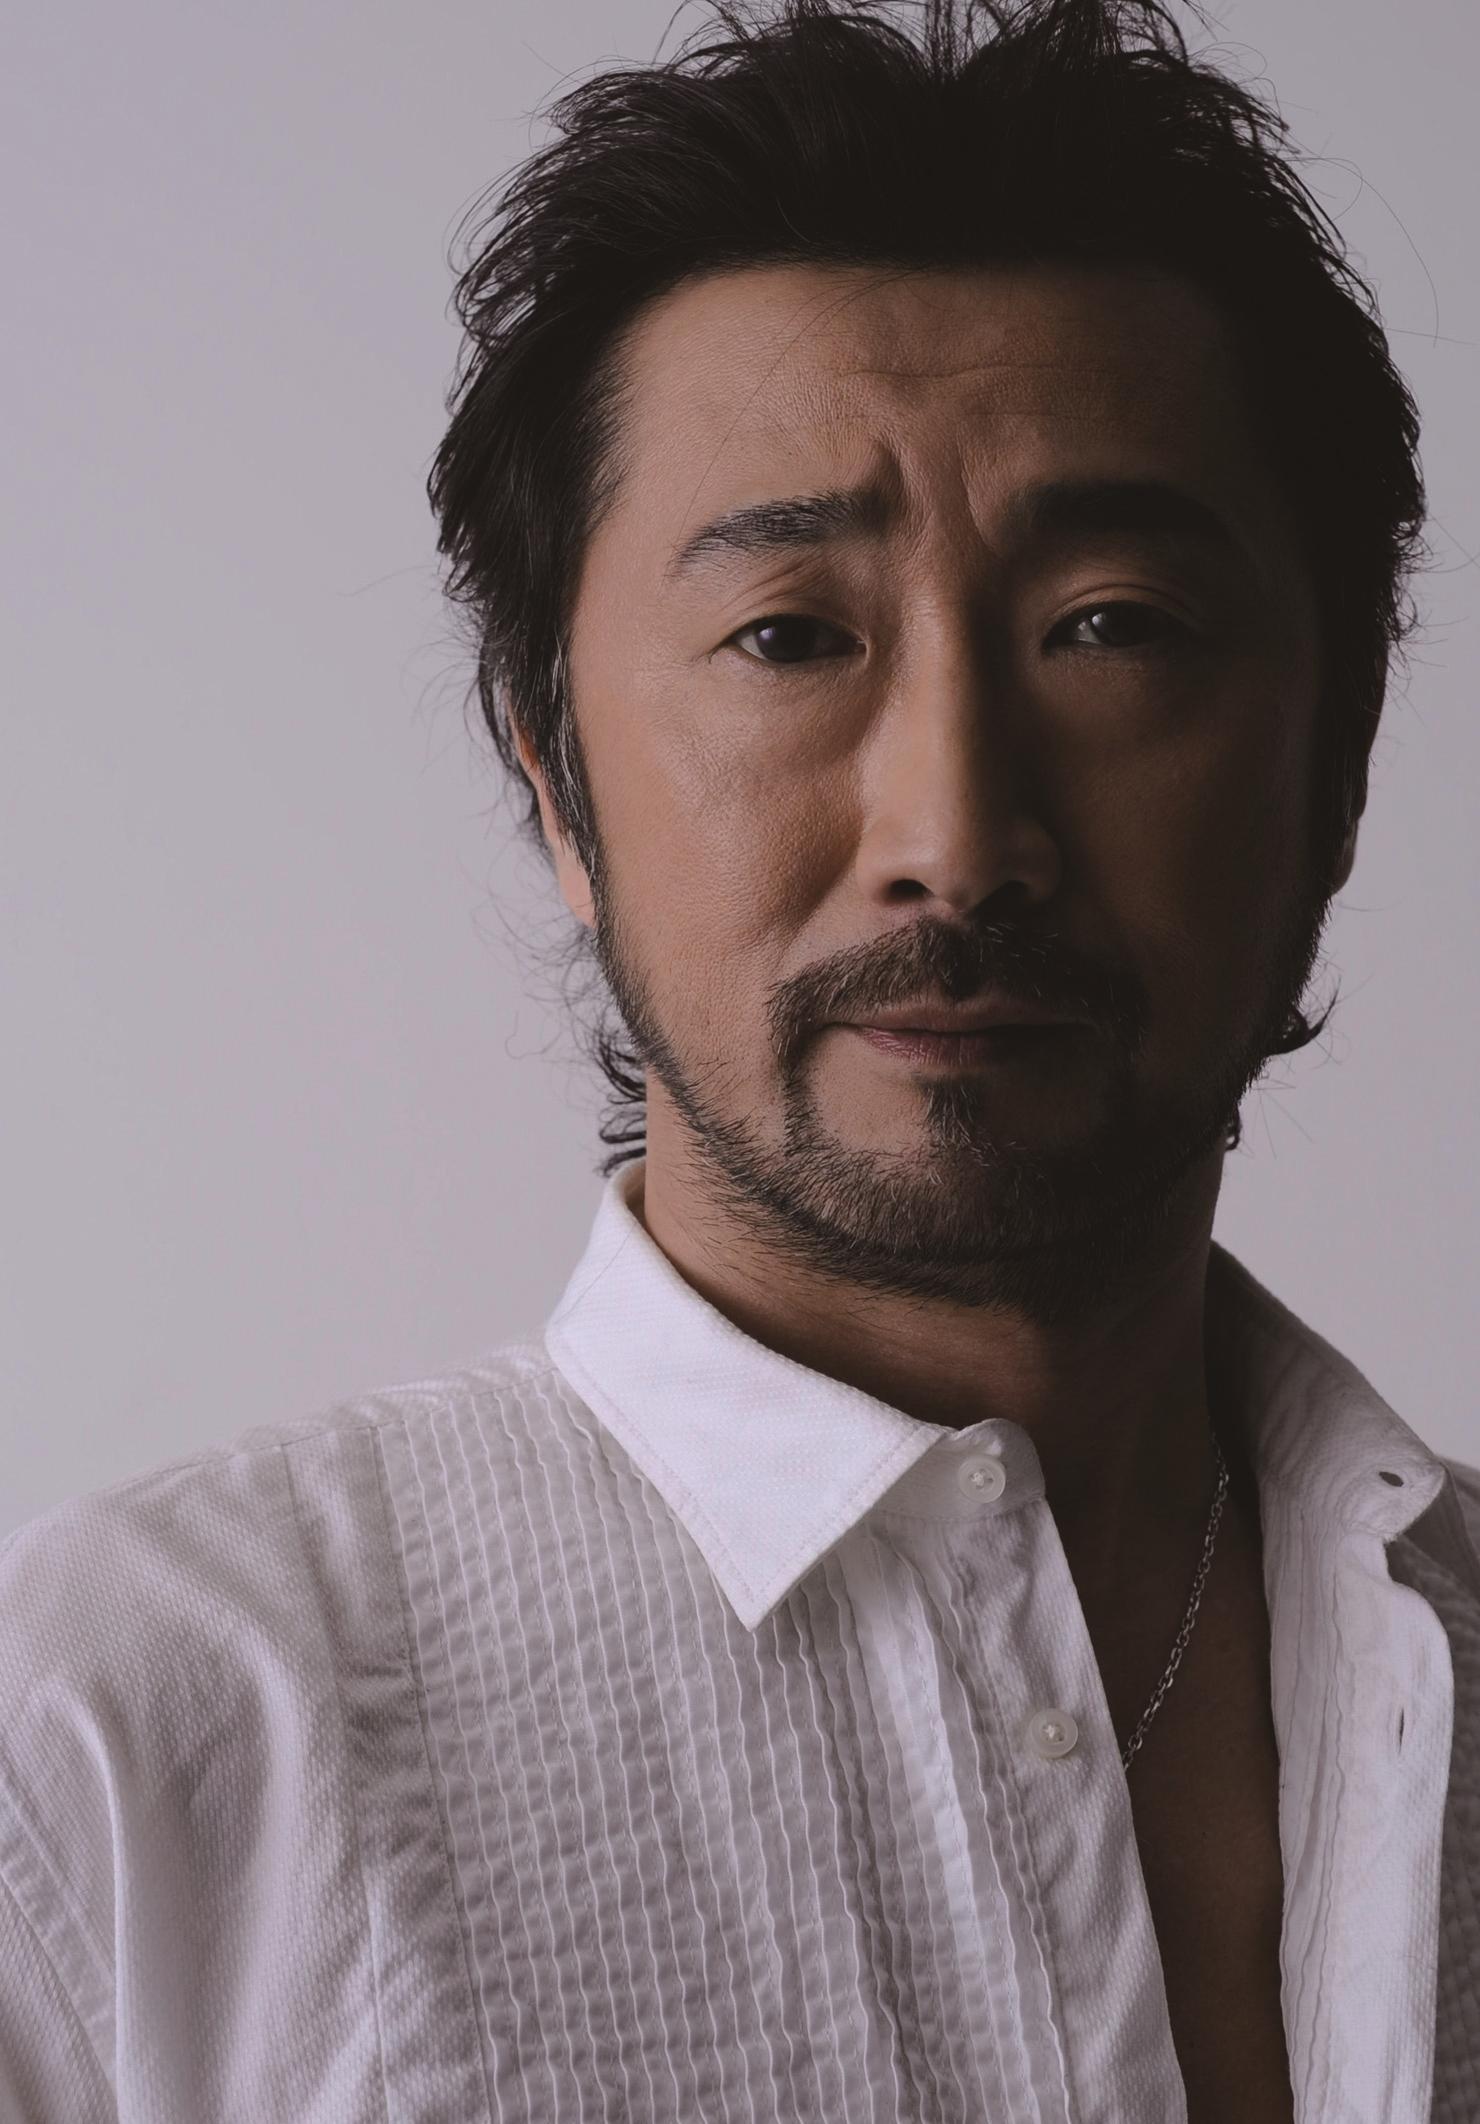 ▲大塚明夫(ライオン役)